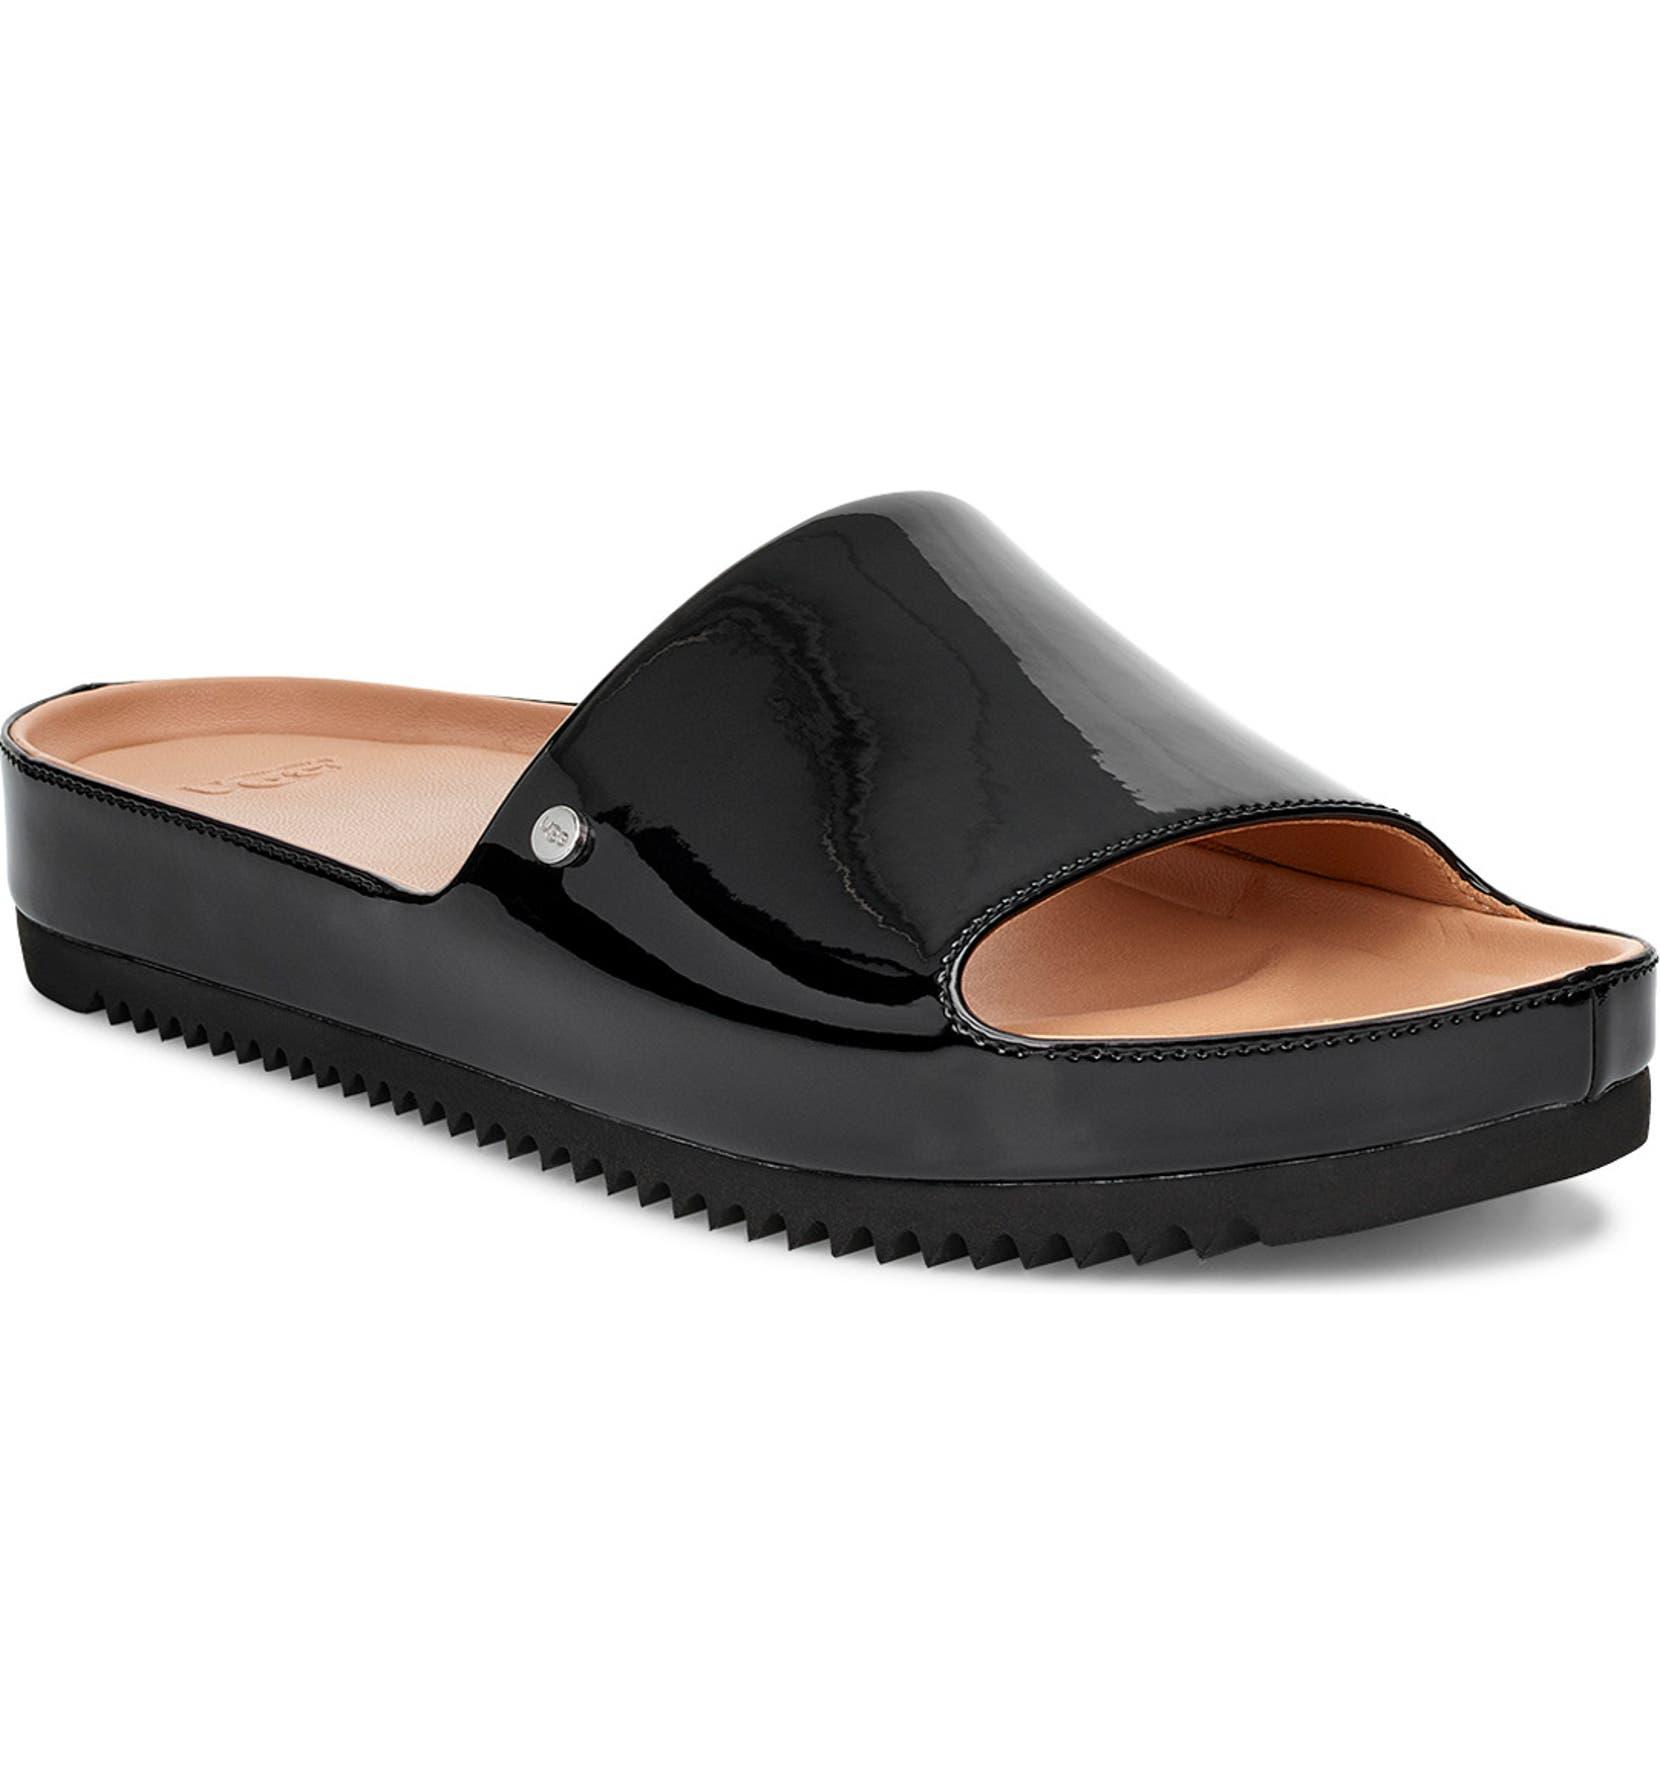 177fa8f6ec6 Jane Platform Slide Sandal